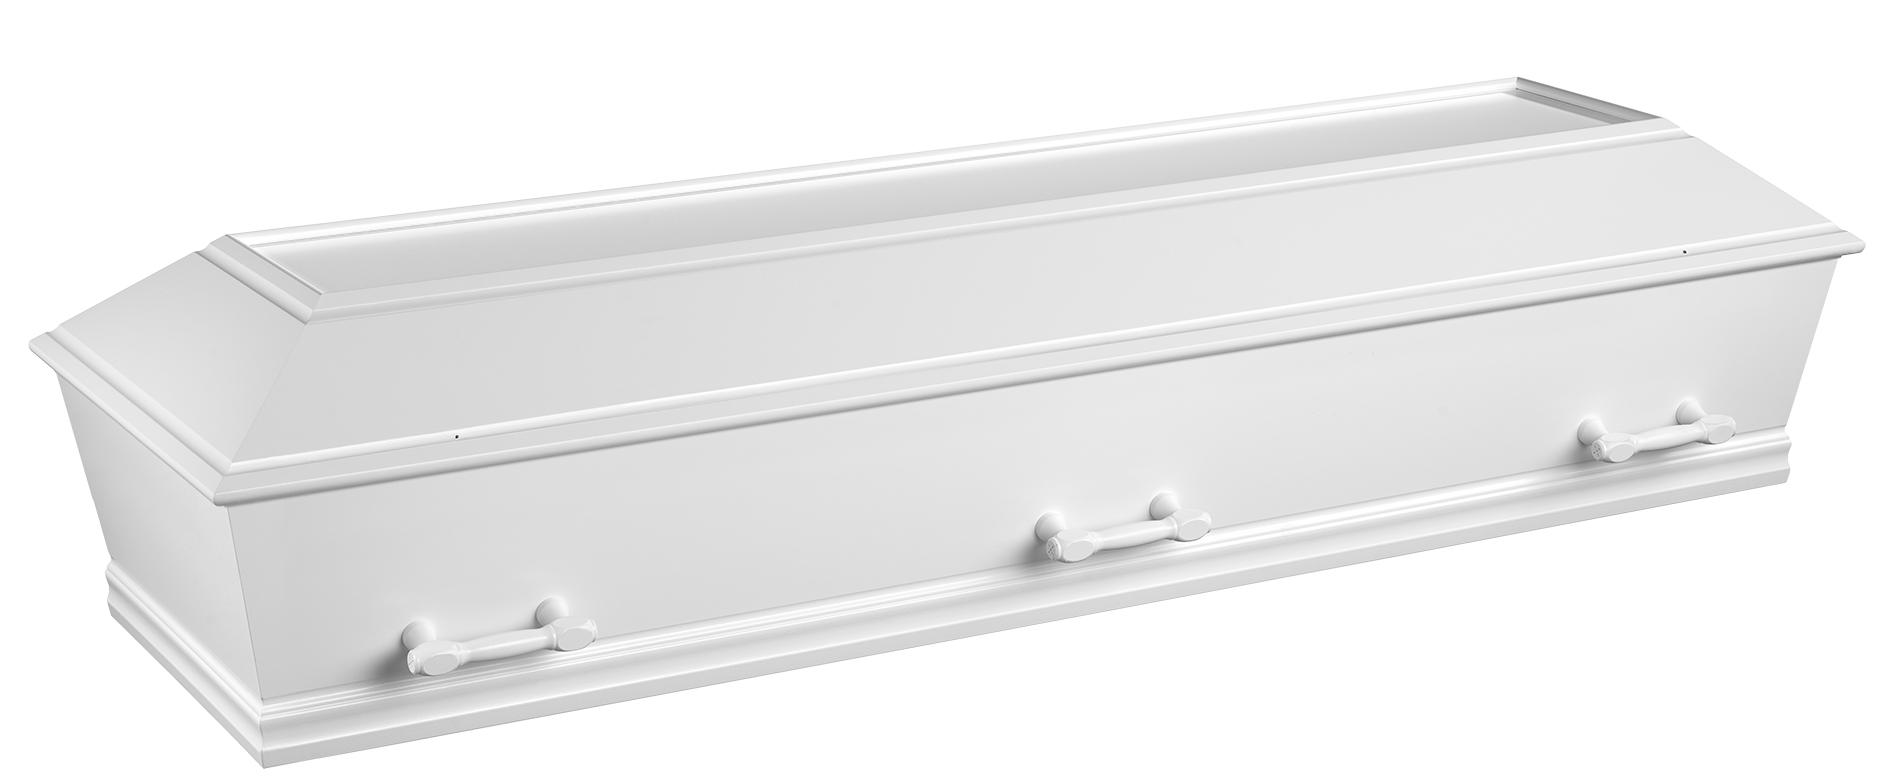 Hvid kiste til kremering - 5.995,00 kr